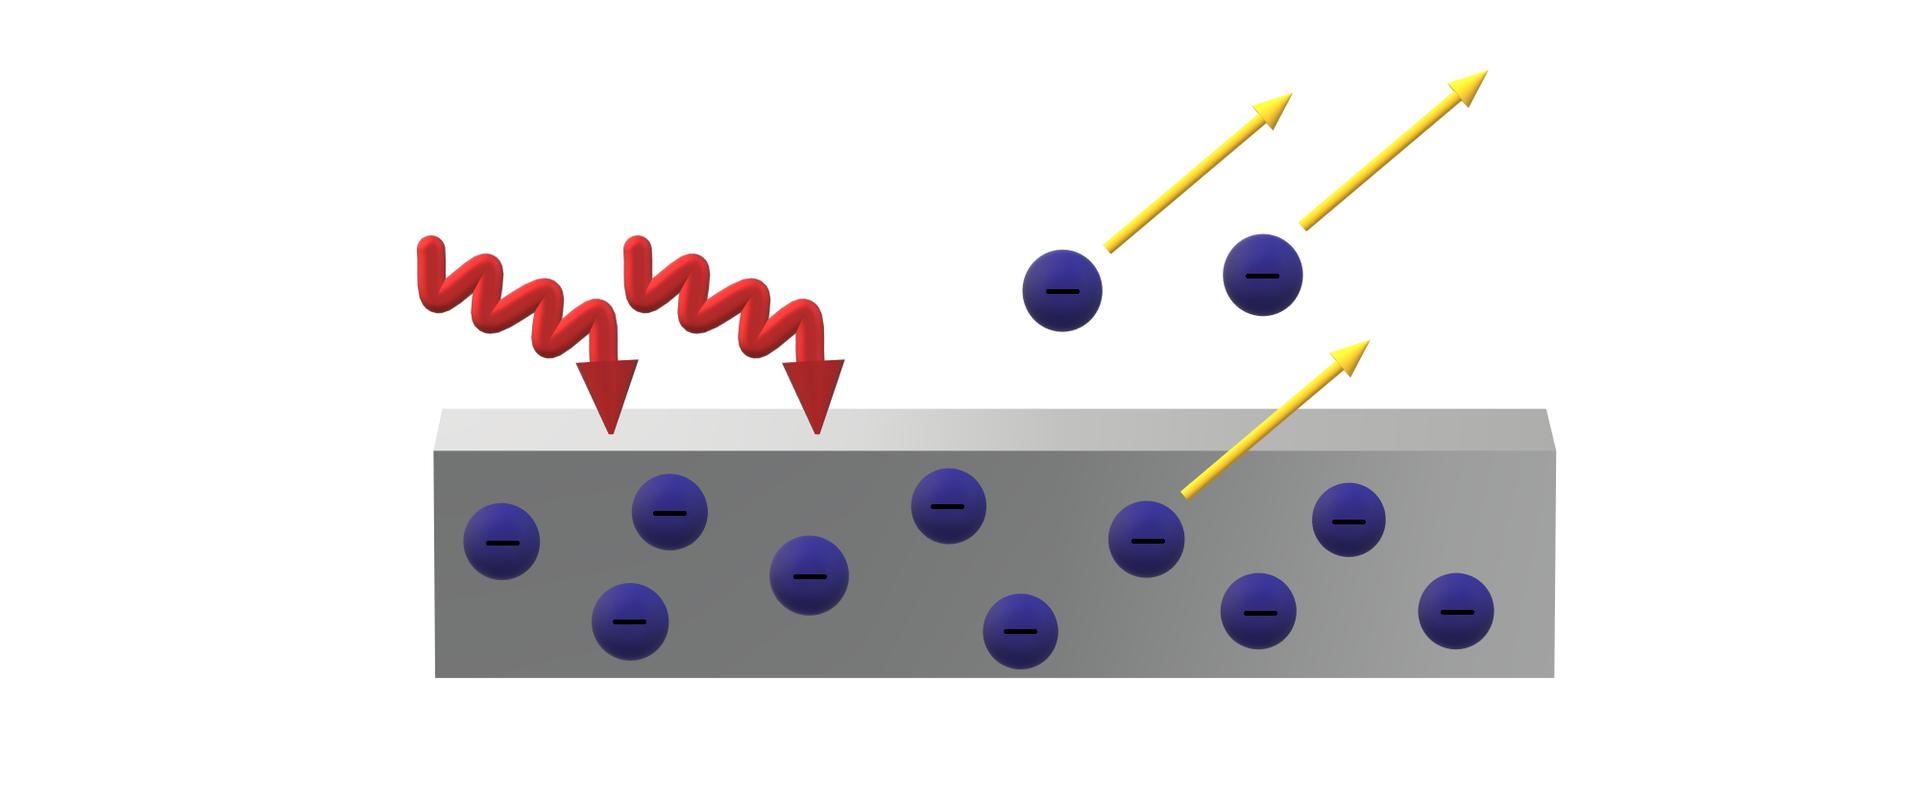 """Padające na metaliczną, prostopadłościenną płytkę fotony (oznaczone symbolicznie czerwonymi strzałkami) wybijają znajdujące się wniej elektrony (żółte wektory symbolizują ruch elektronów). Elektrony ukazane zostały wpostaci niebieskich kul zczarnym znakiem """"-""""."""